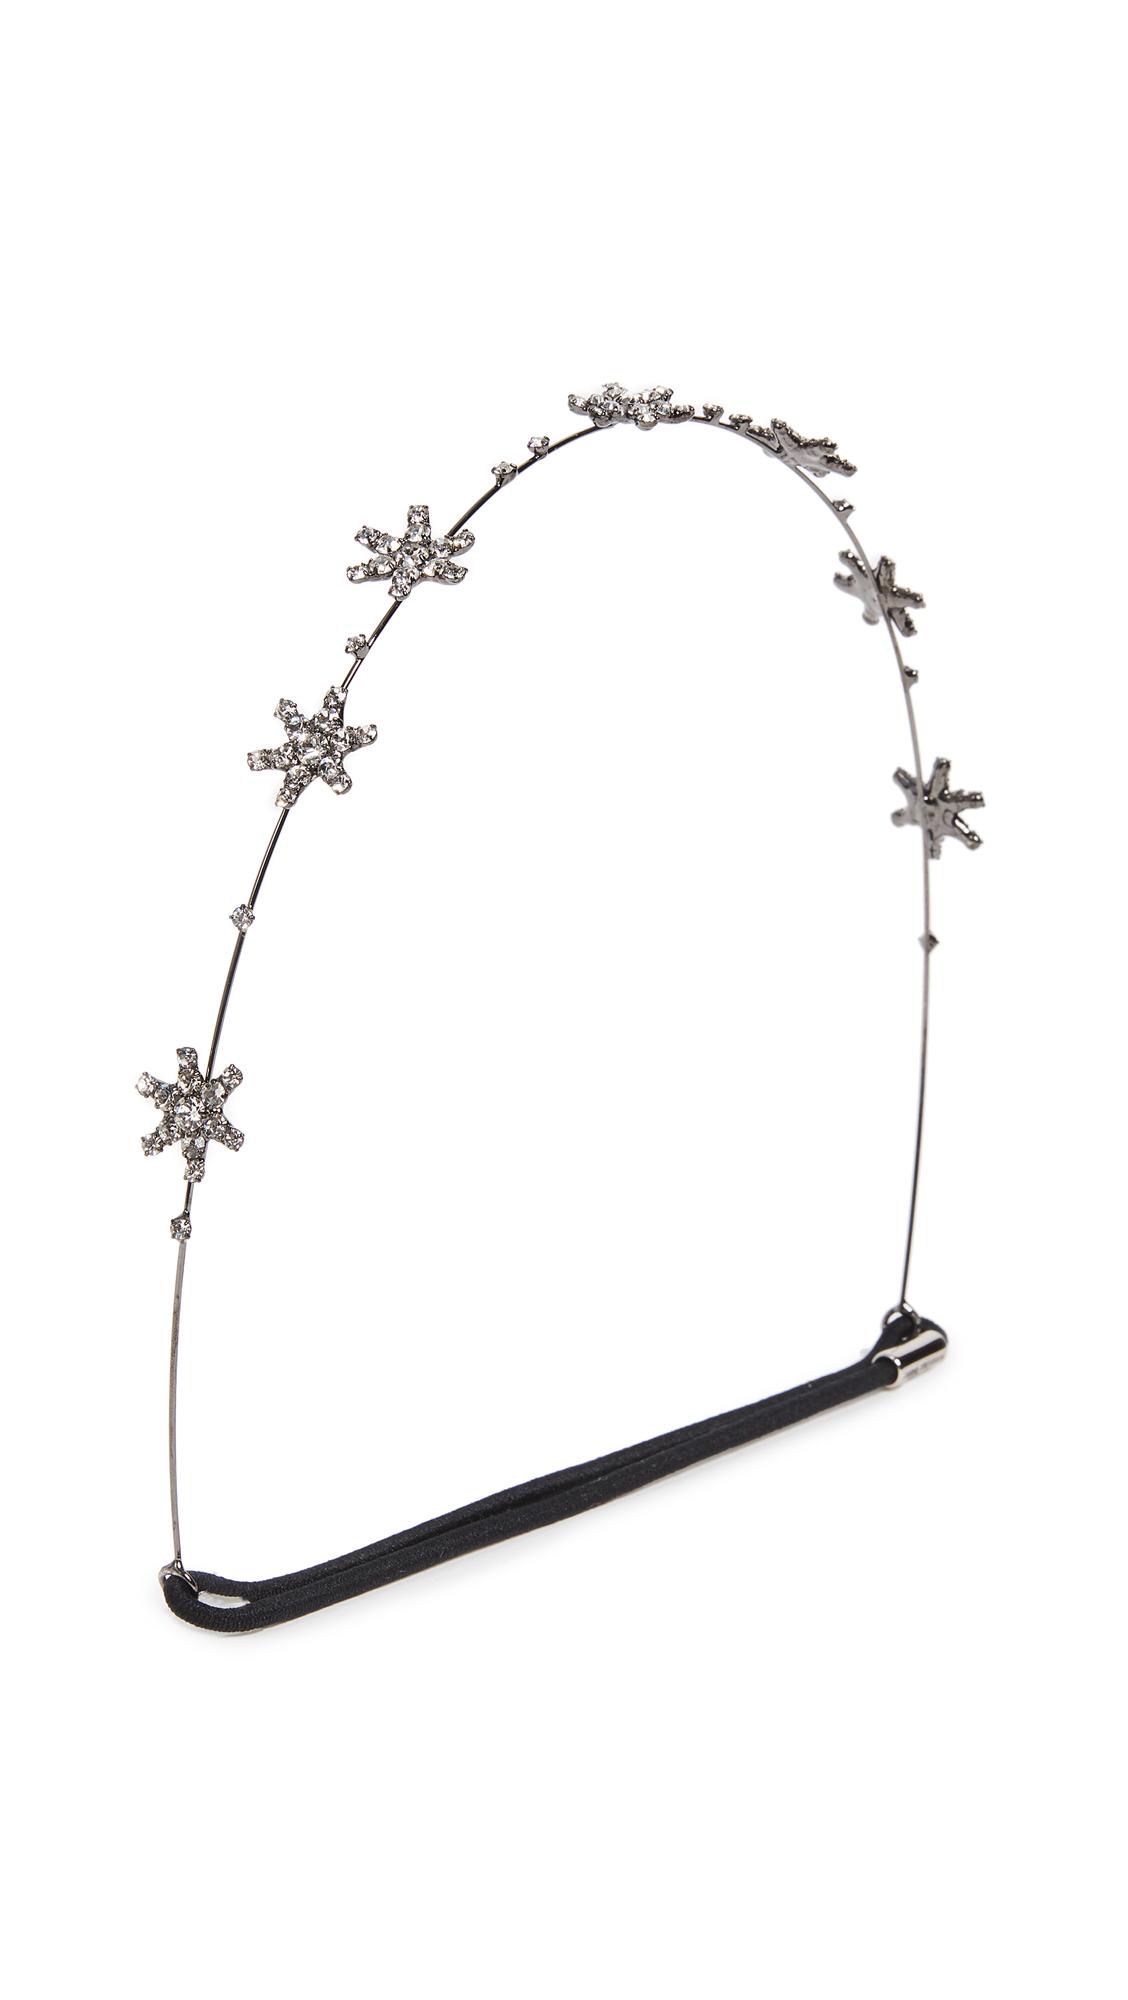 Jennifer Behr Star Headband